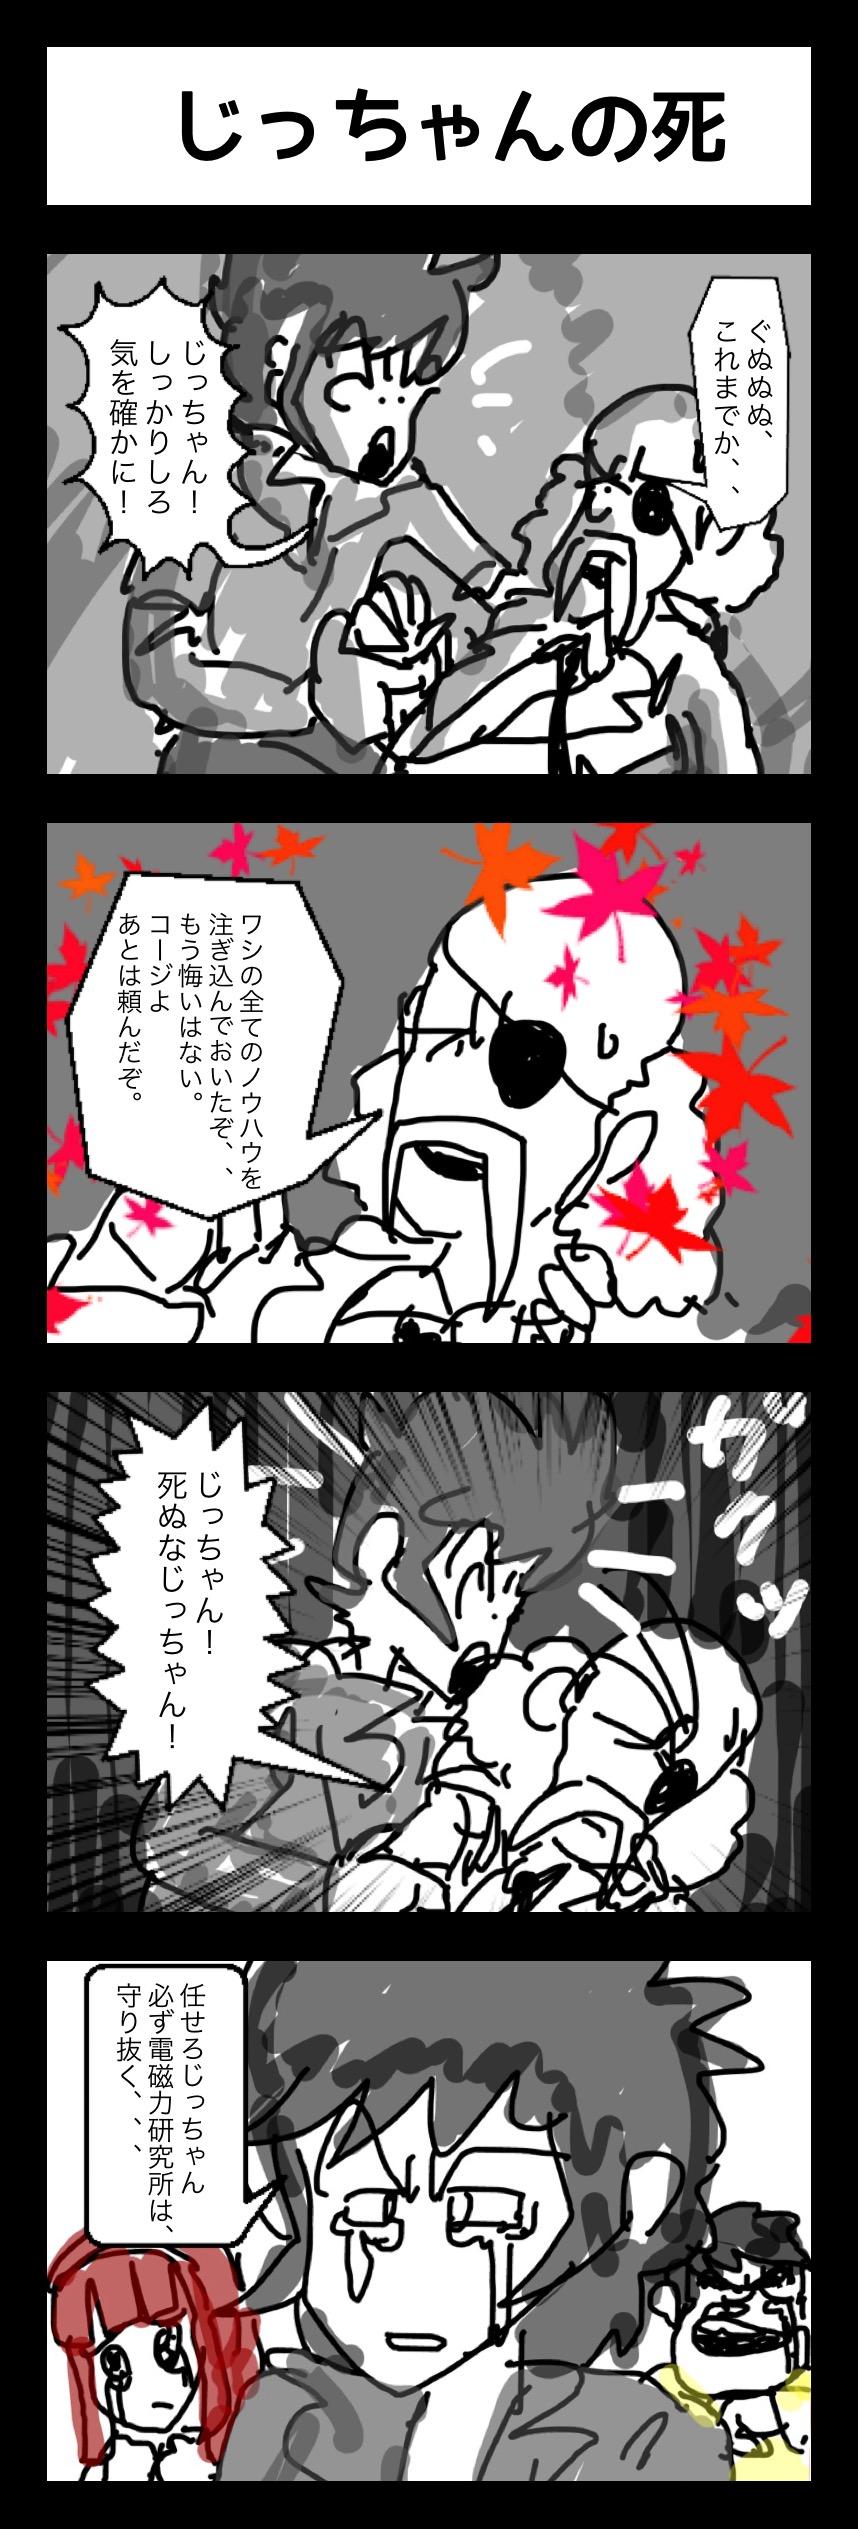 連載4コマ漫画アトランダーV 第38話